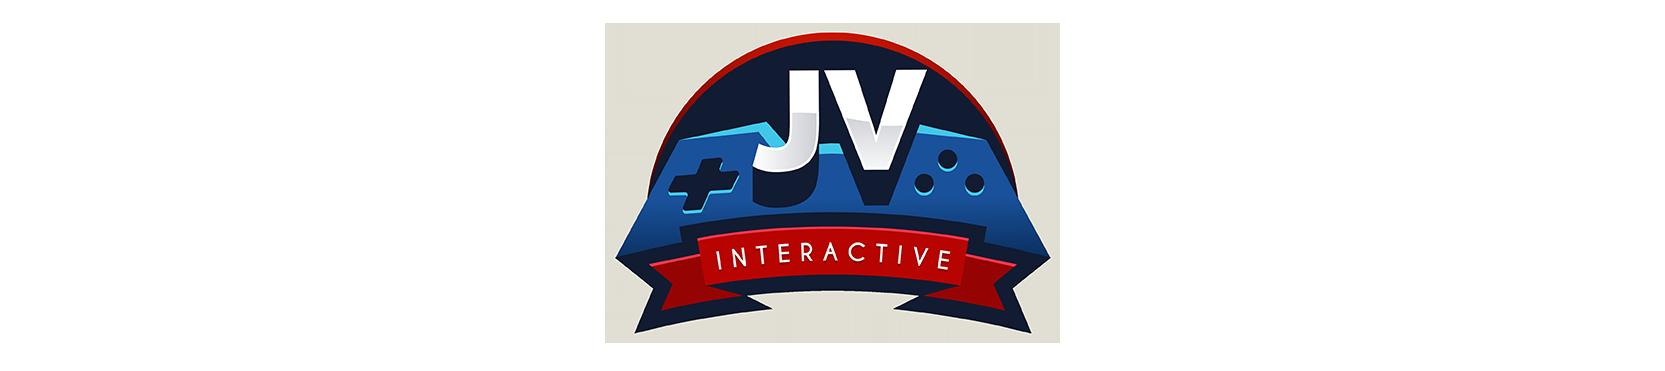 JV Interactive - Logo